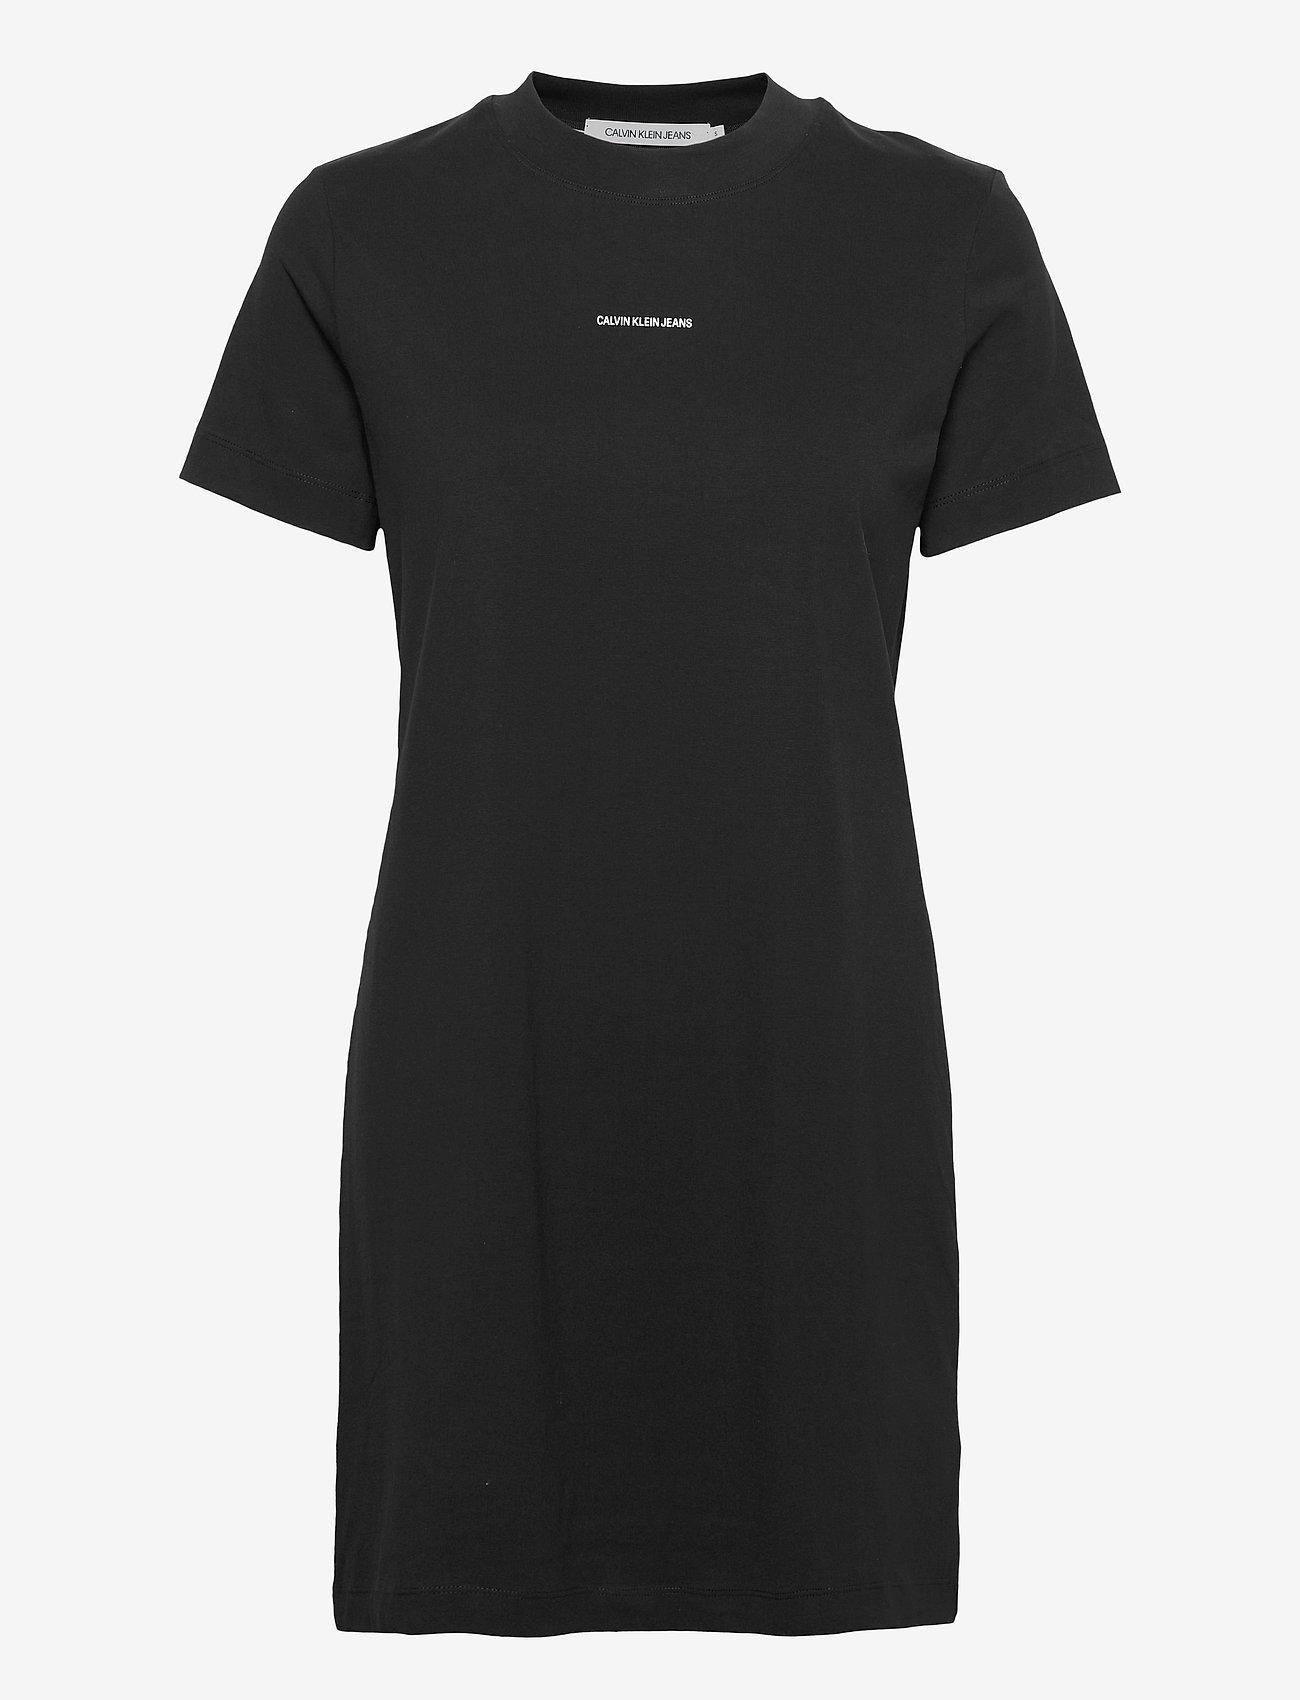 Calvin Klein Jeans - MICRO BRANDING T-SHIRT DRESS - sommerkjoler - ck black - 0